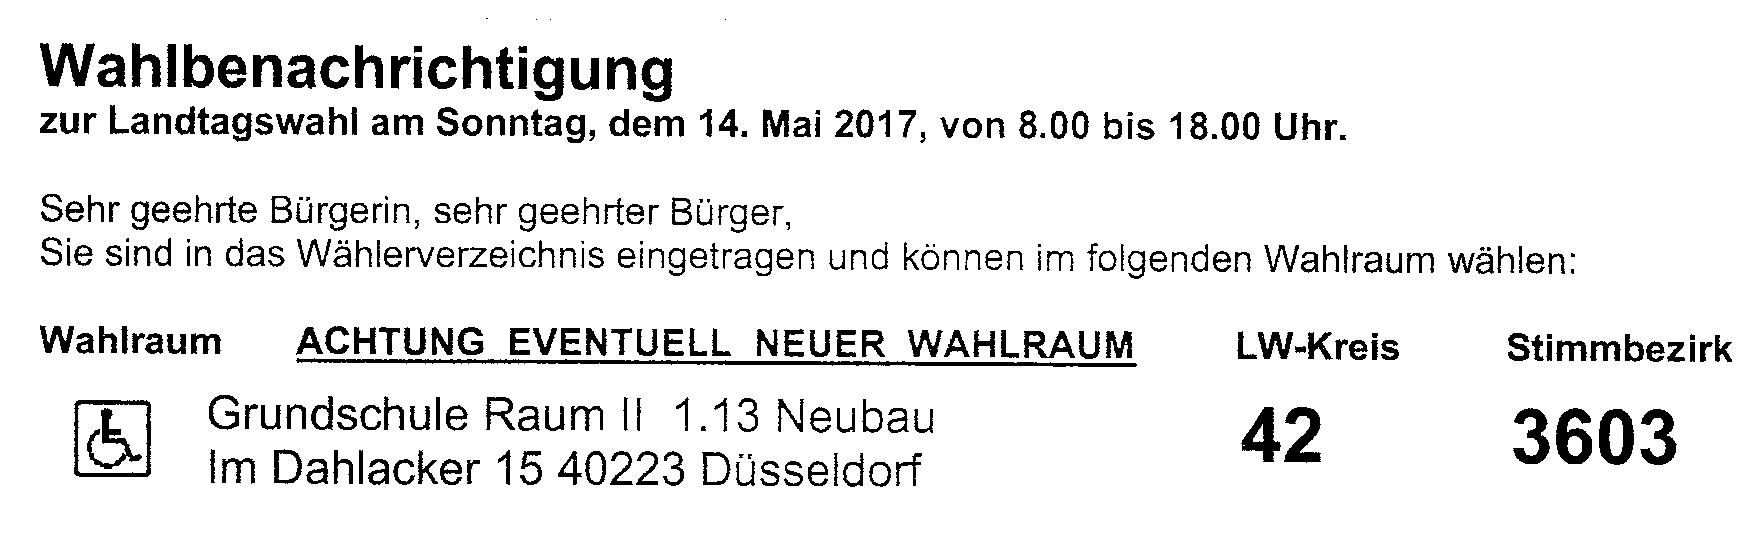 Landtagswahl in NRW - Ablauf